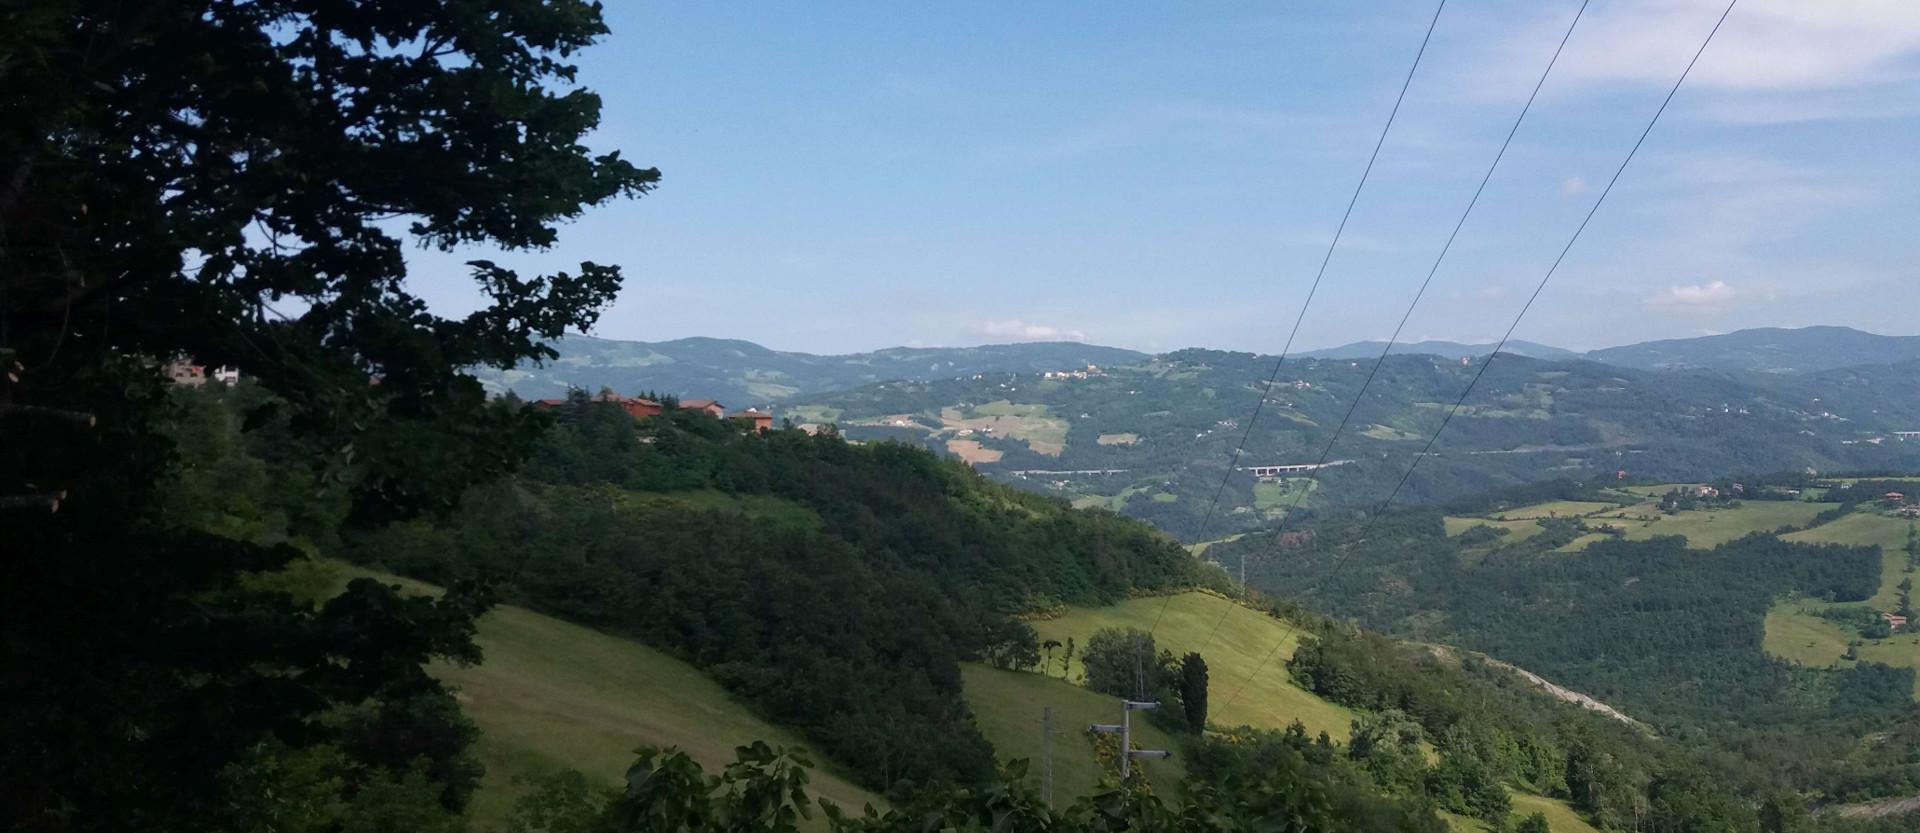 Appennino - Panorama